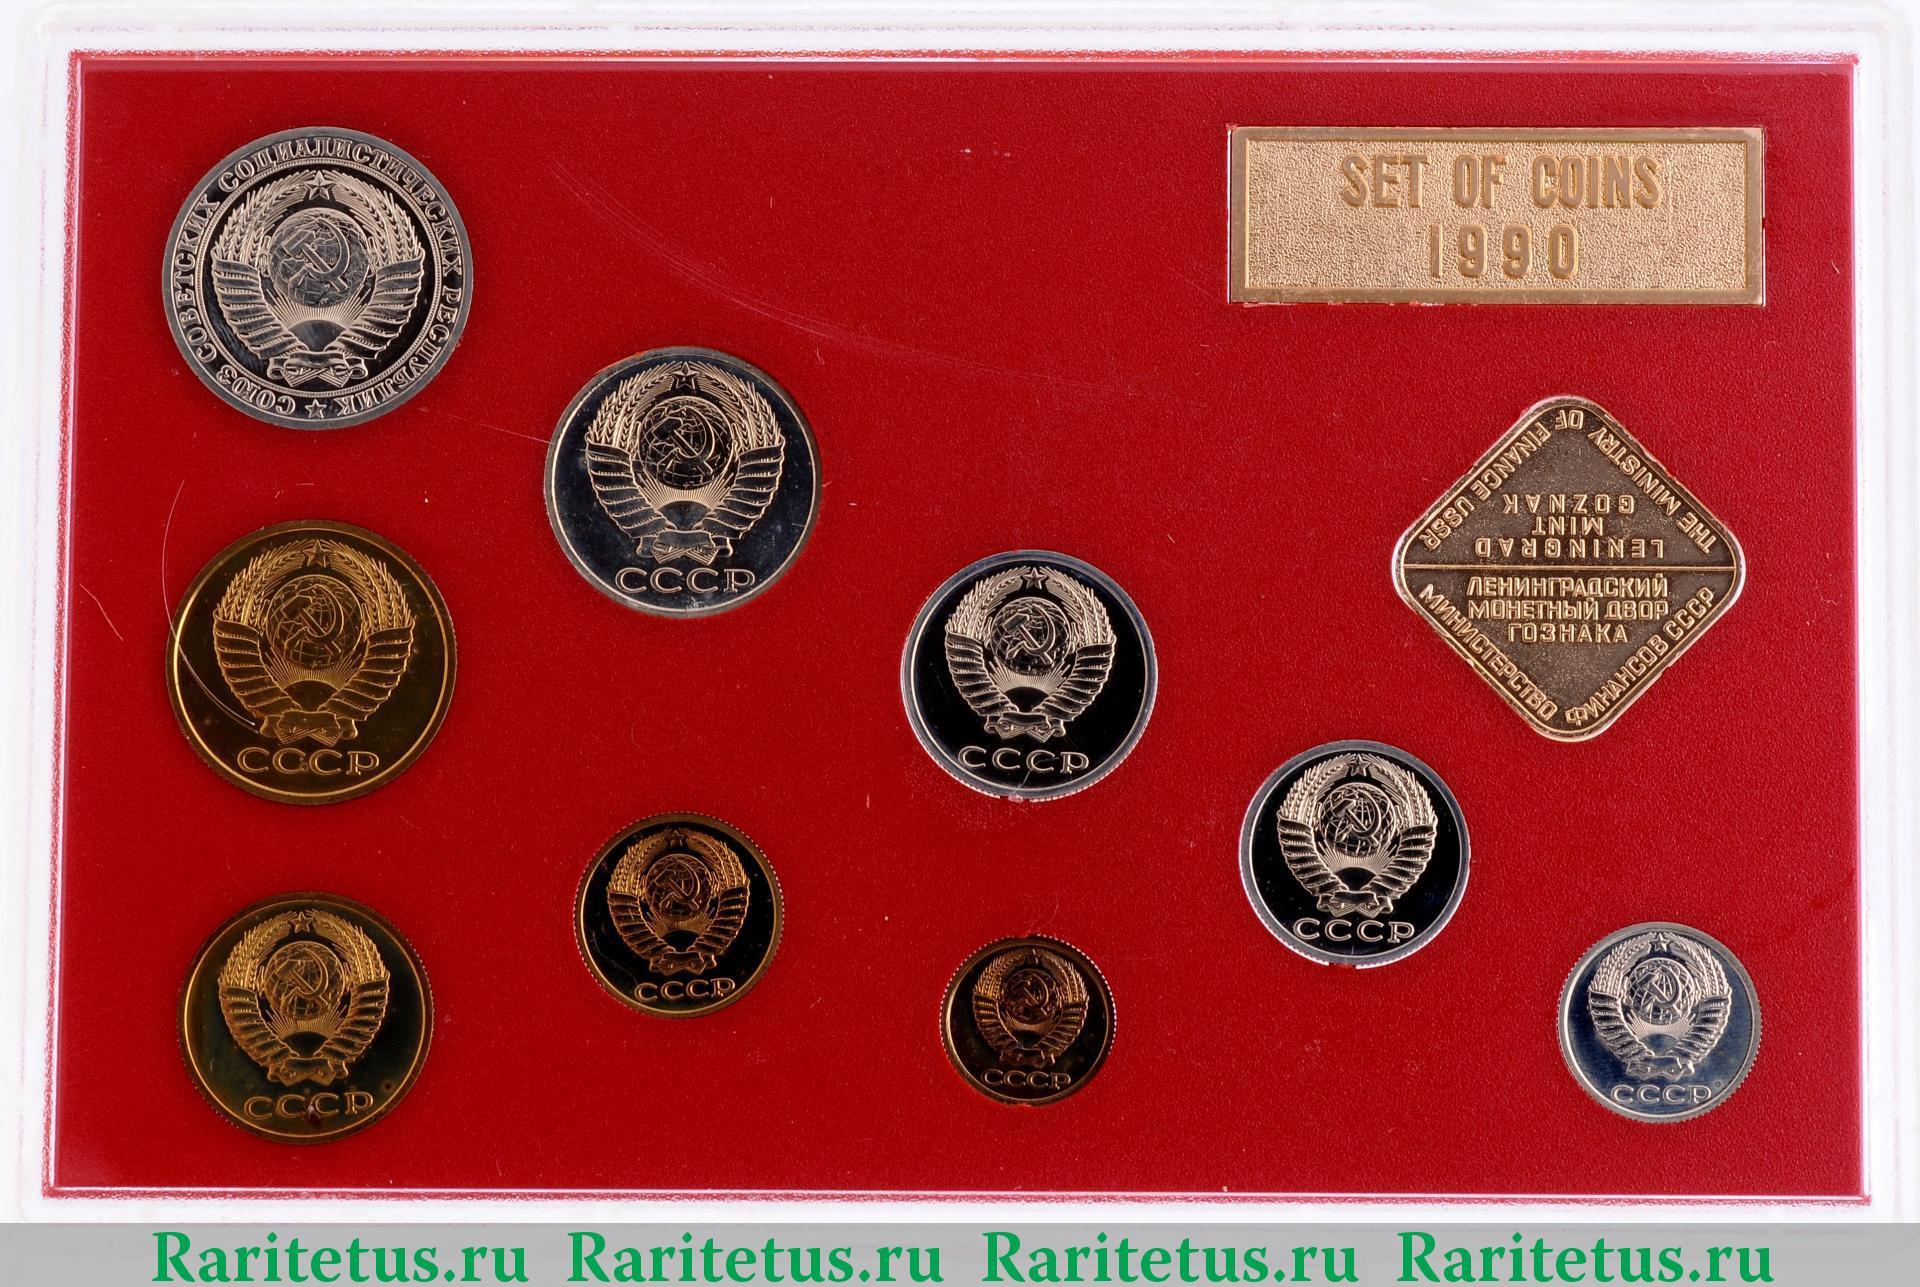 Наборы госбанка ссср 1 копейка 1932 года цена